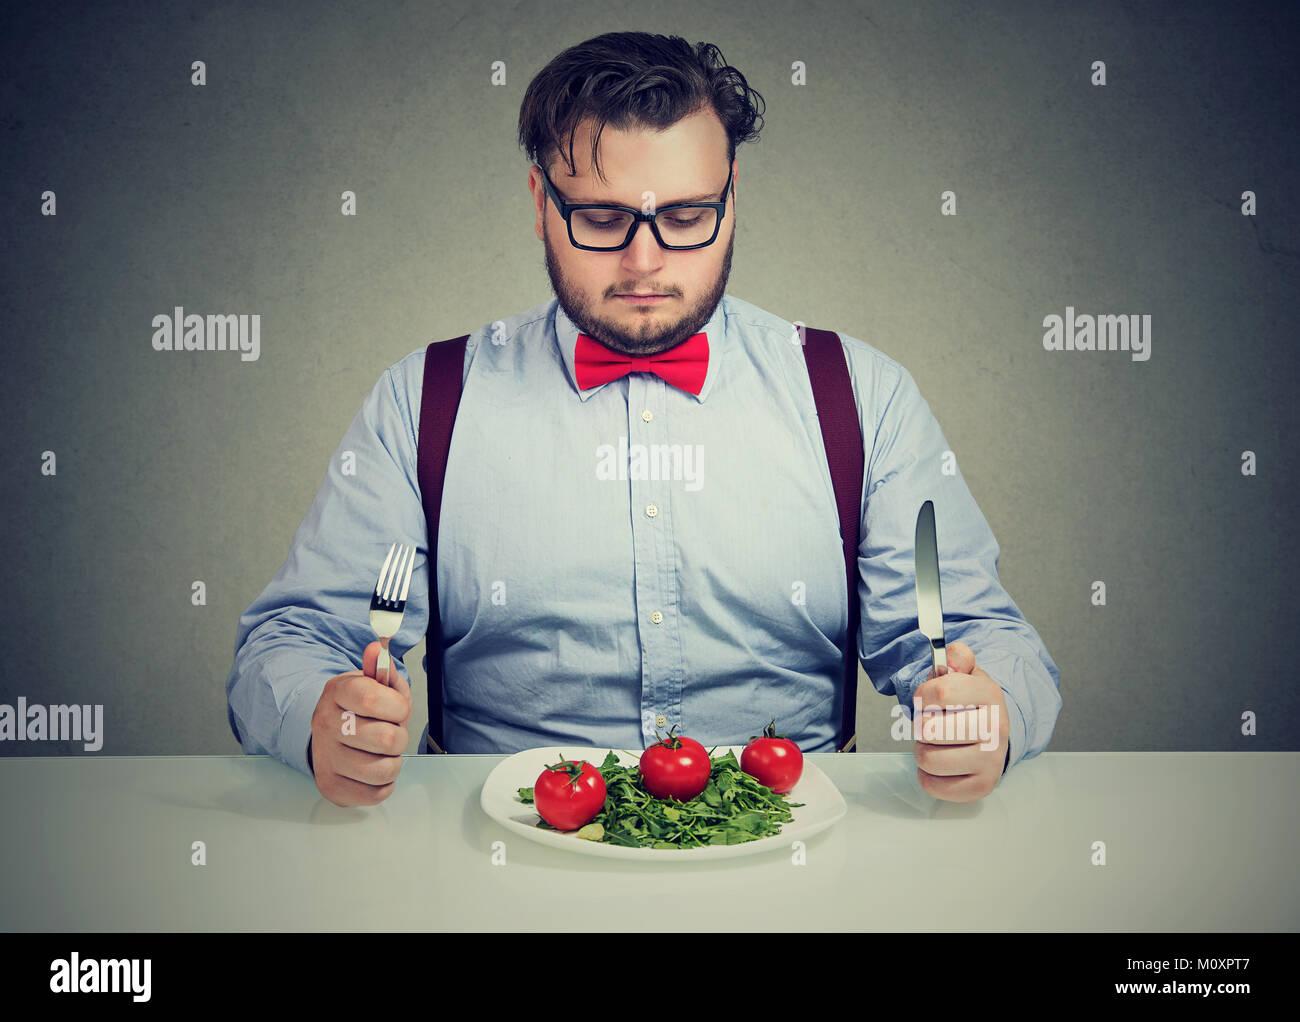 Junge übergewichtige Menschen auf gesunde Salate, die versuchen, Gewicht zu verlieren, konzentriert. Stockbild